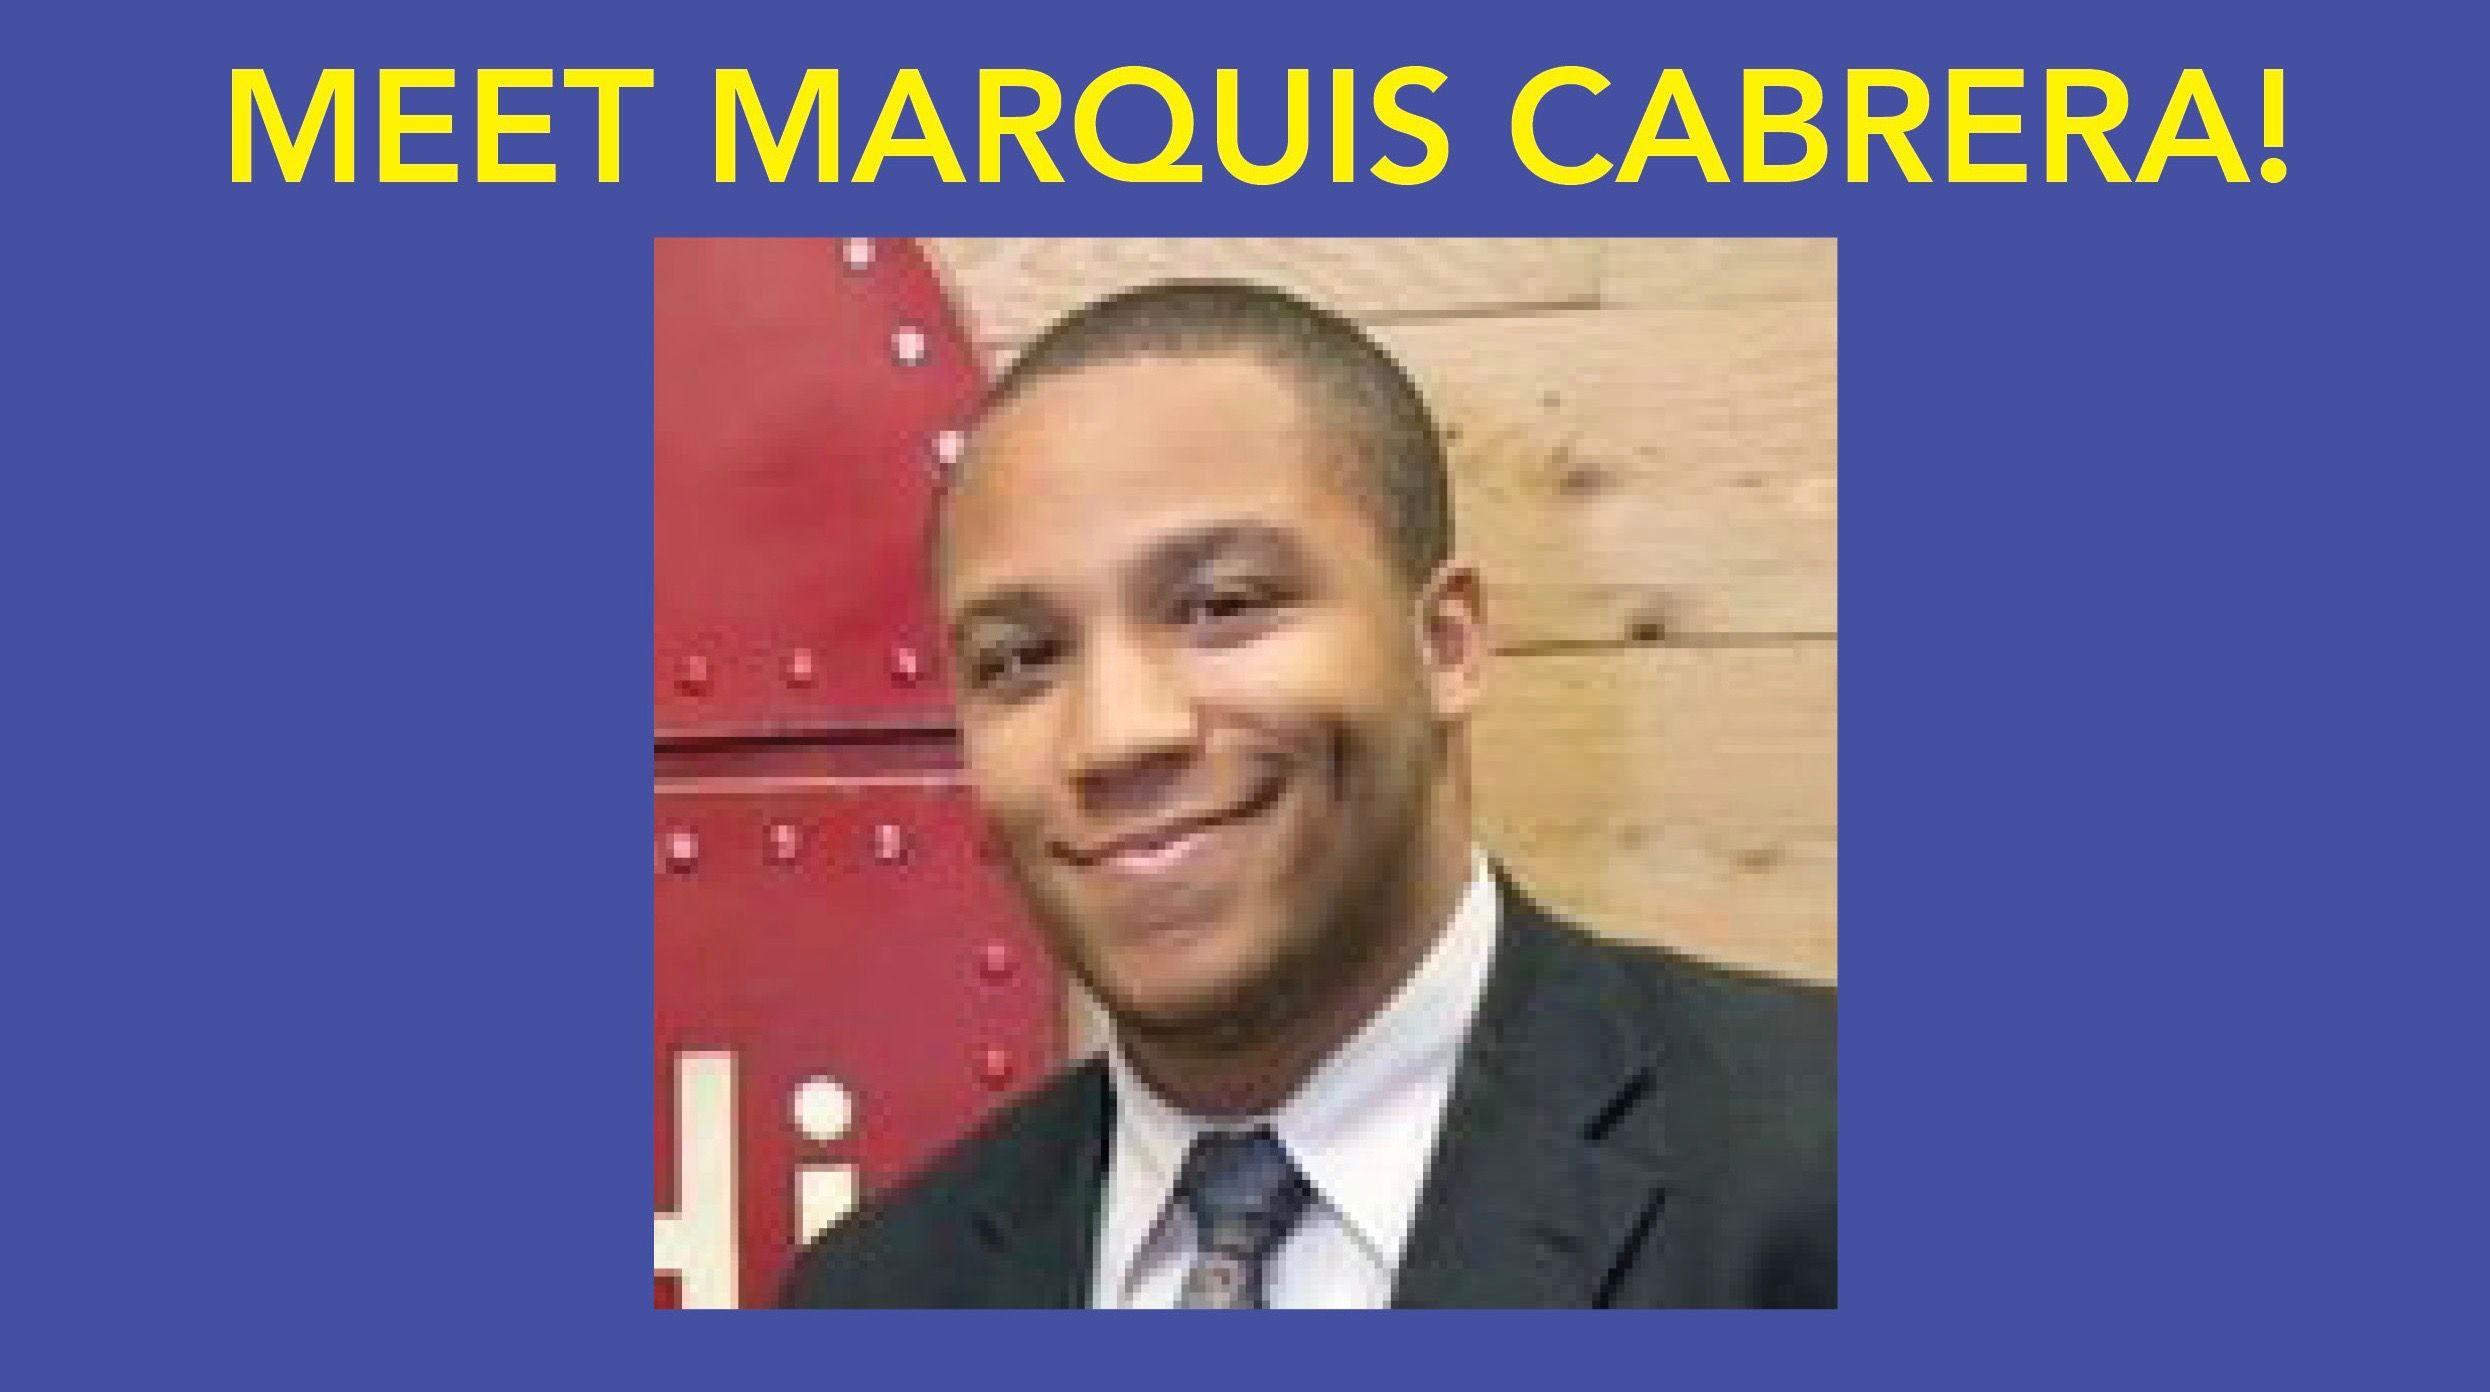 Meet Marquis Cabrera